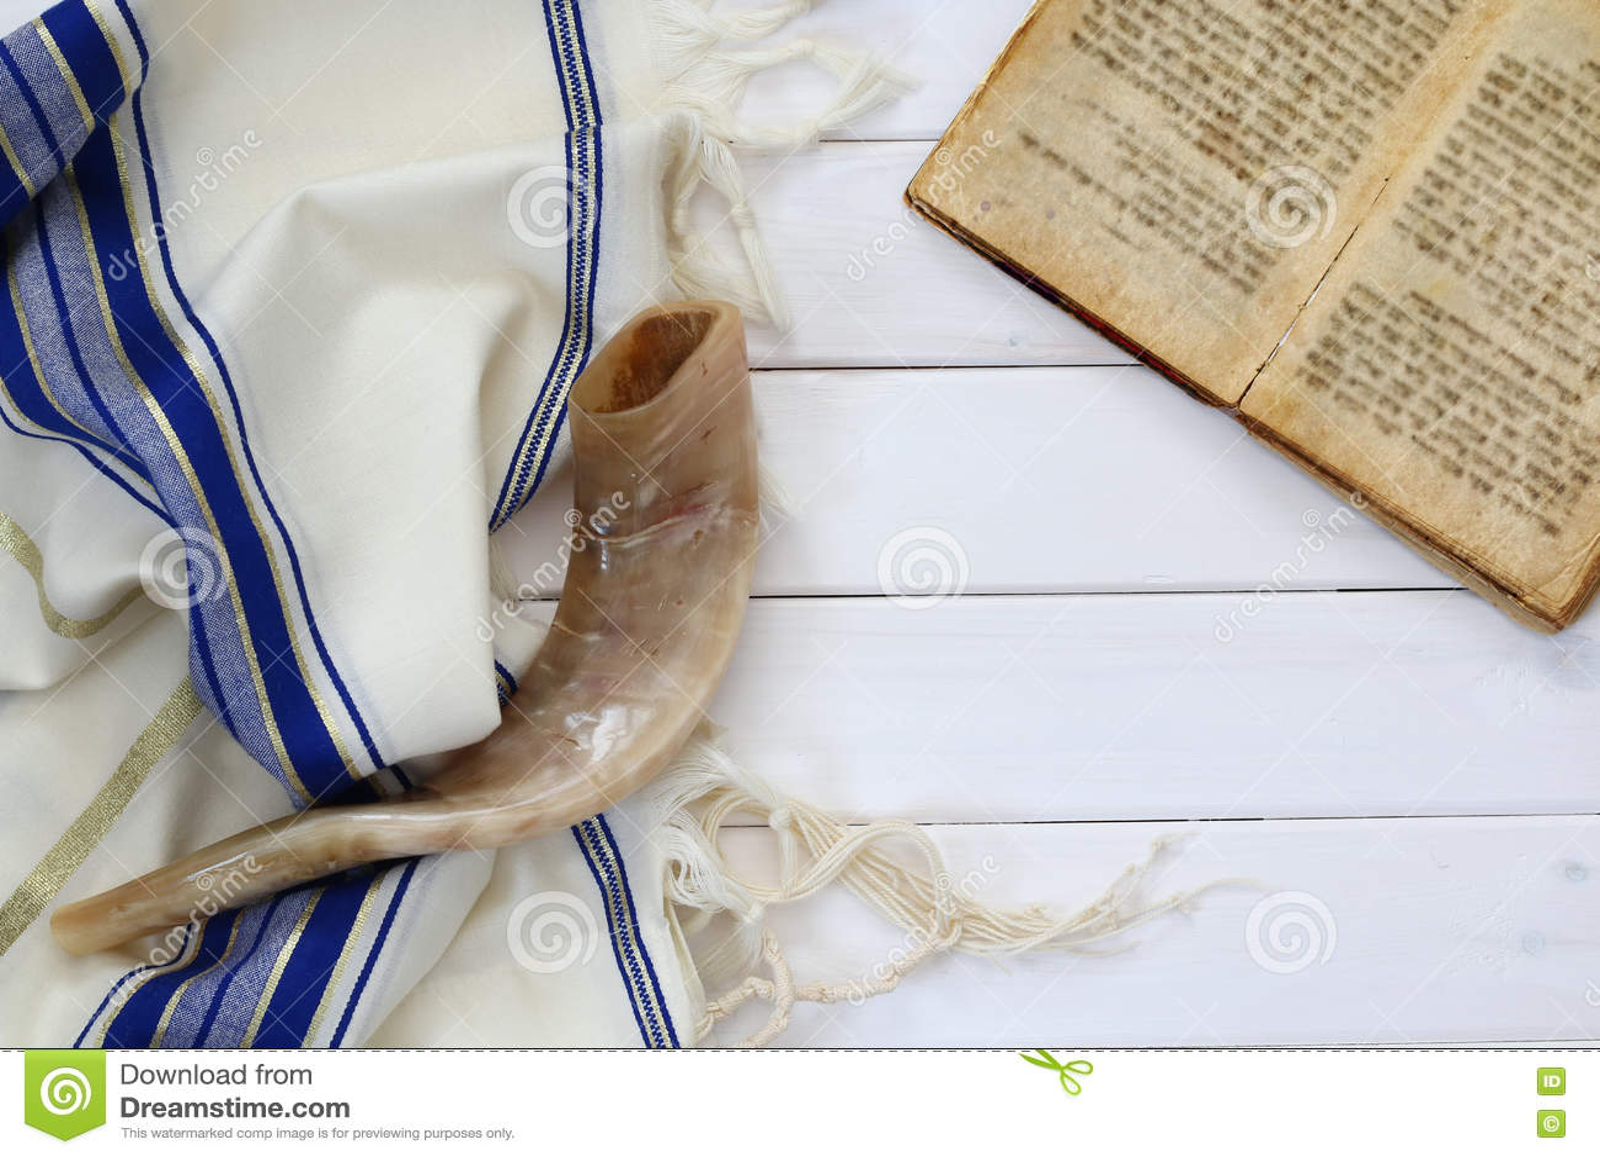 Σάλι προσευχής - εβραϊκό θρησκευτικό σύμβολο Tallit και Shofar (κέρατο)